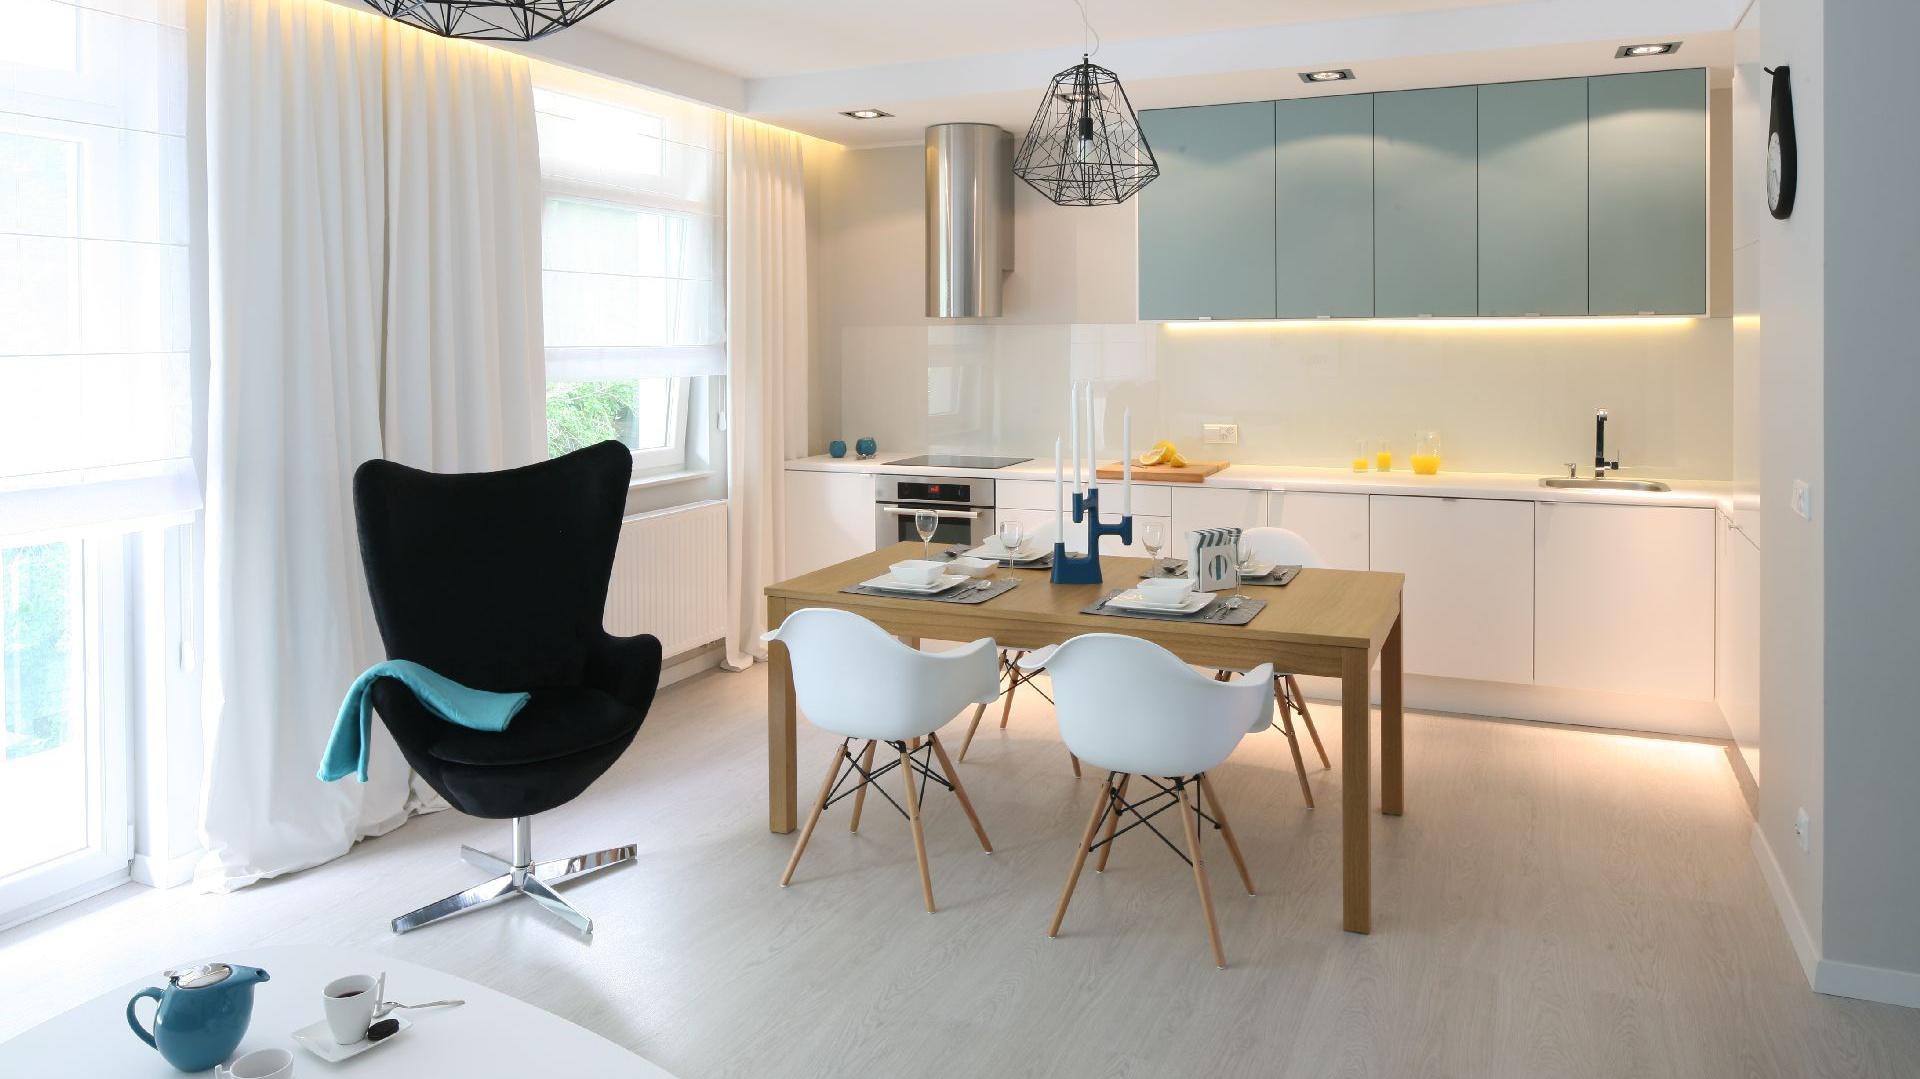 Otwarta część dzienna z nowoczesną kuchnią, w której minimalistyczne białe szafki pięknie podkreślają turkus górnej zabudowy. Nad blatem zamontowano taflę hartowanego szkła, które od spodu polakierowano na biało. W otwartej jadalni stanął stół IKEA, do którego dobrano krzesła – klasyki designu projektu Charlesa i Ray Eamesów. Wyposażenie: zabudowa kuchenna MDF lakierowany na mat IKEA / nad blatem hartowane szkło lakierowane od spodu na biało / piekarnik Mastercook / okap Faber / oświetlenie w zabudowie Italux. Fot. Bartosz Jarosz.